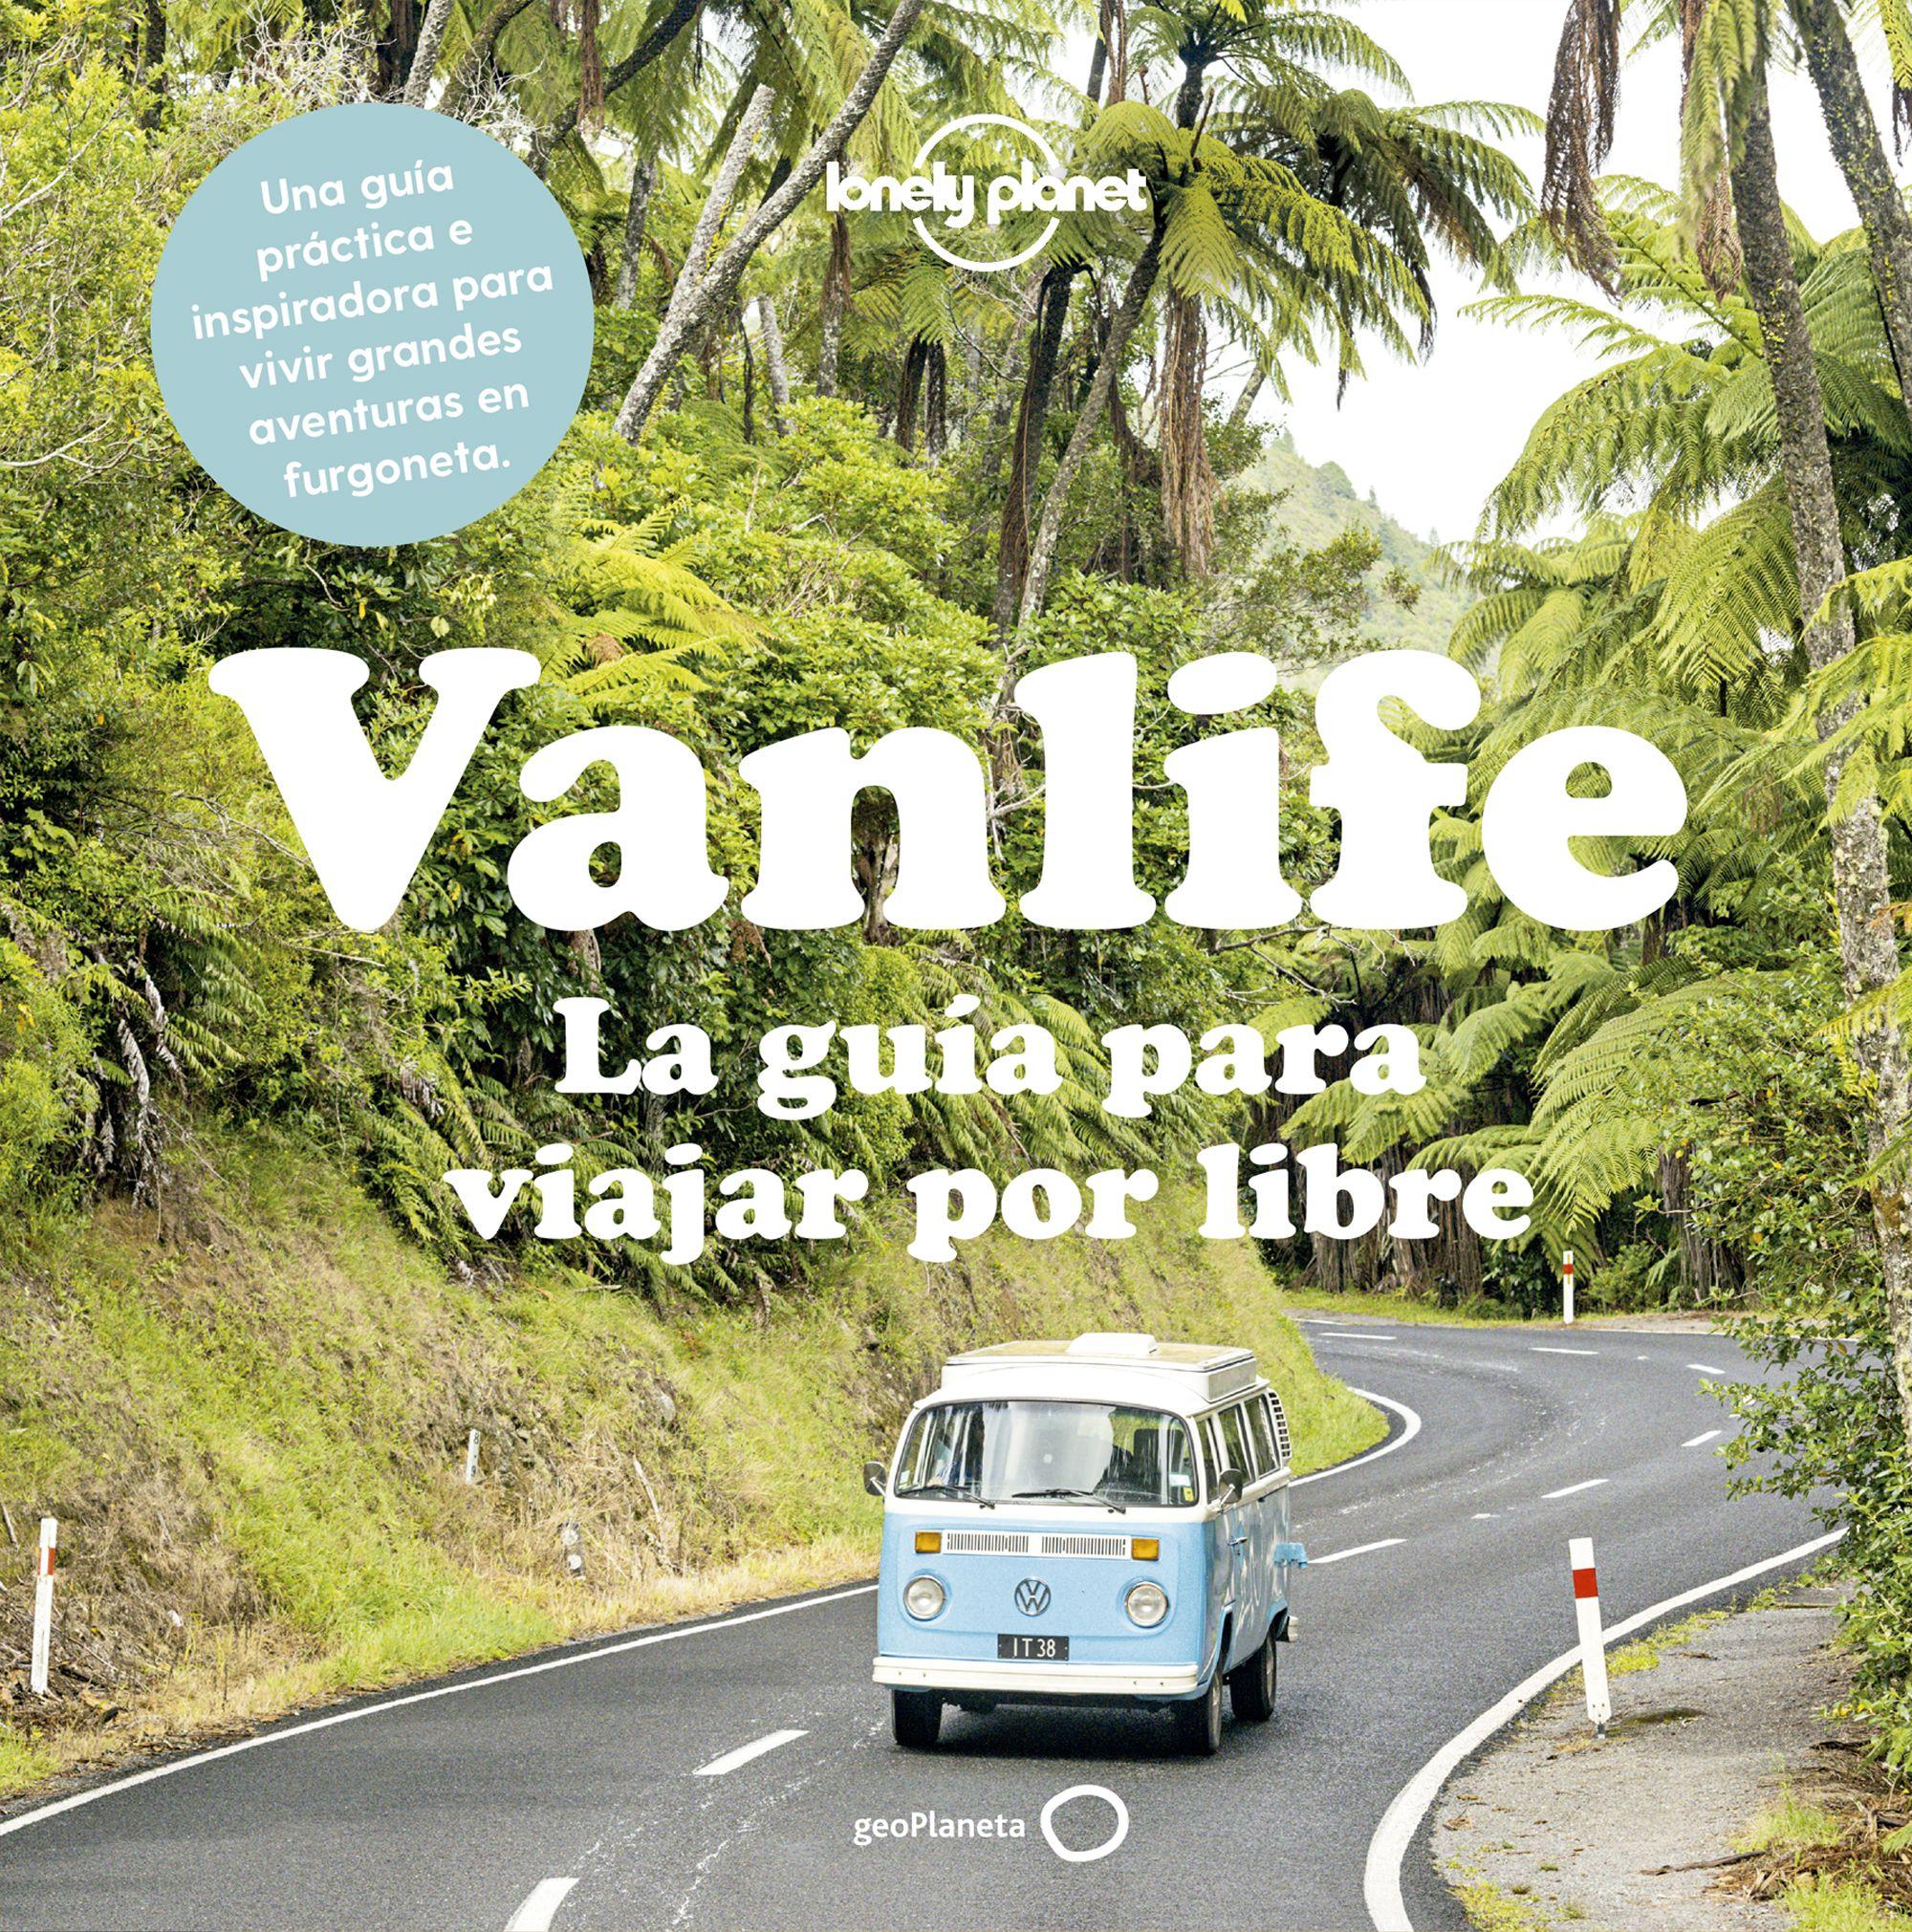 Vanlife, La guia para viajar por libre